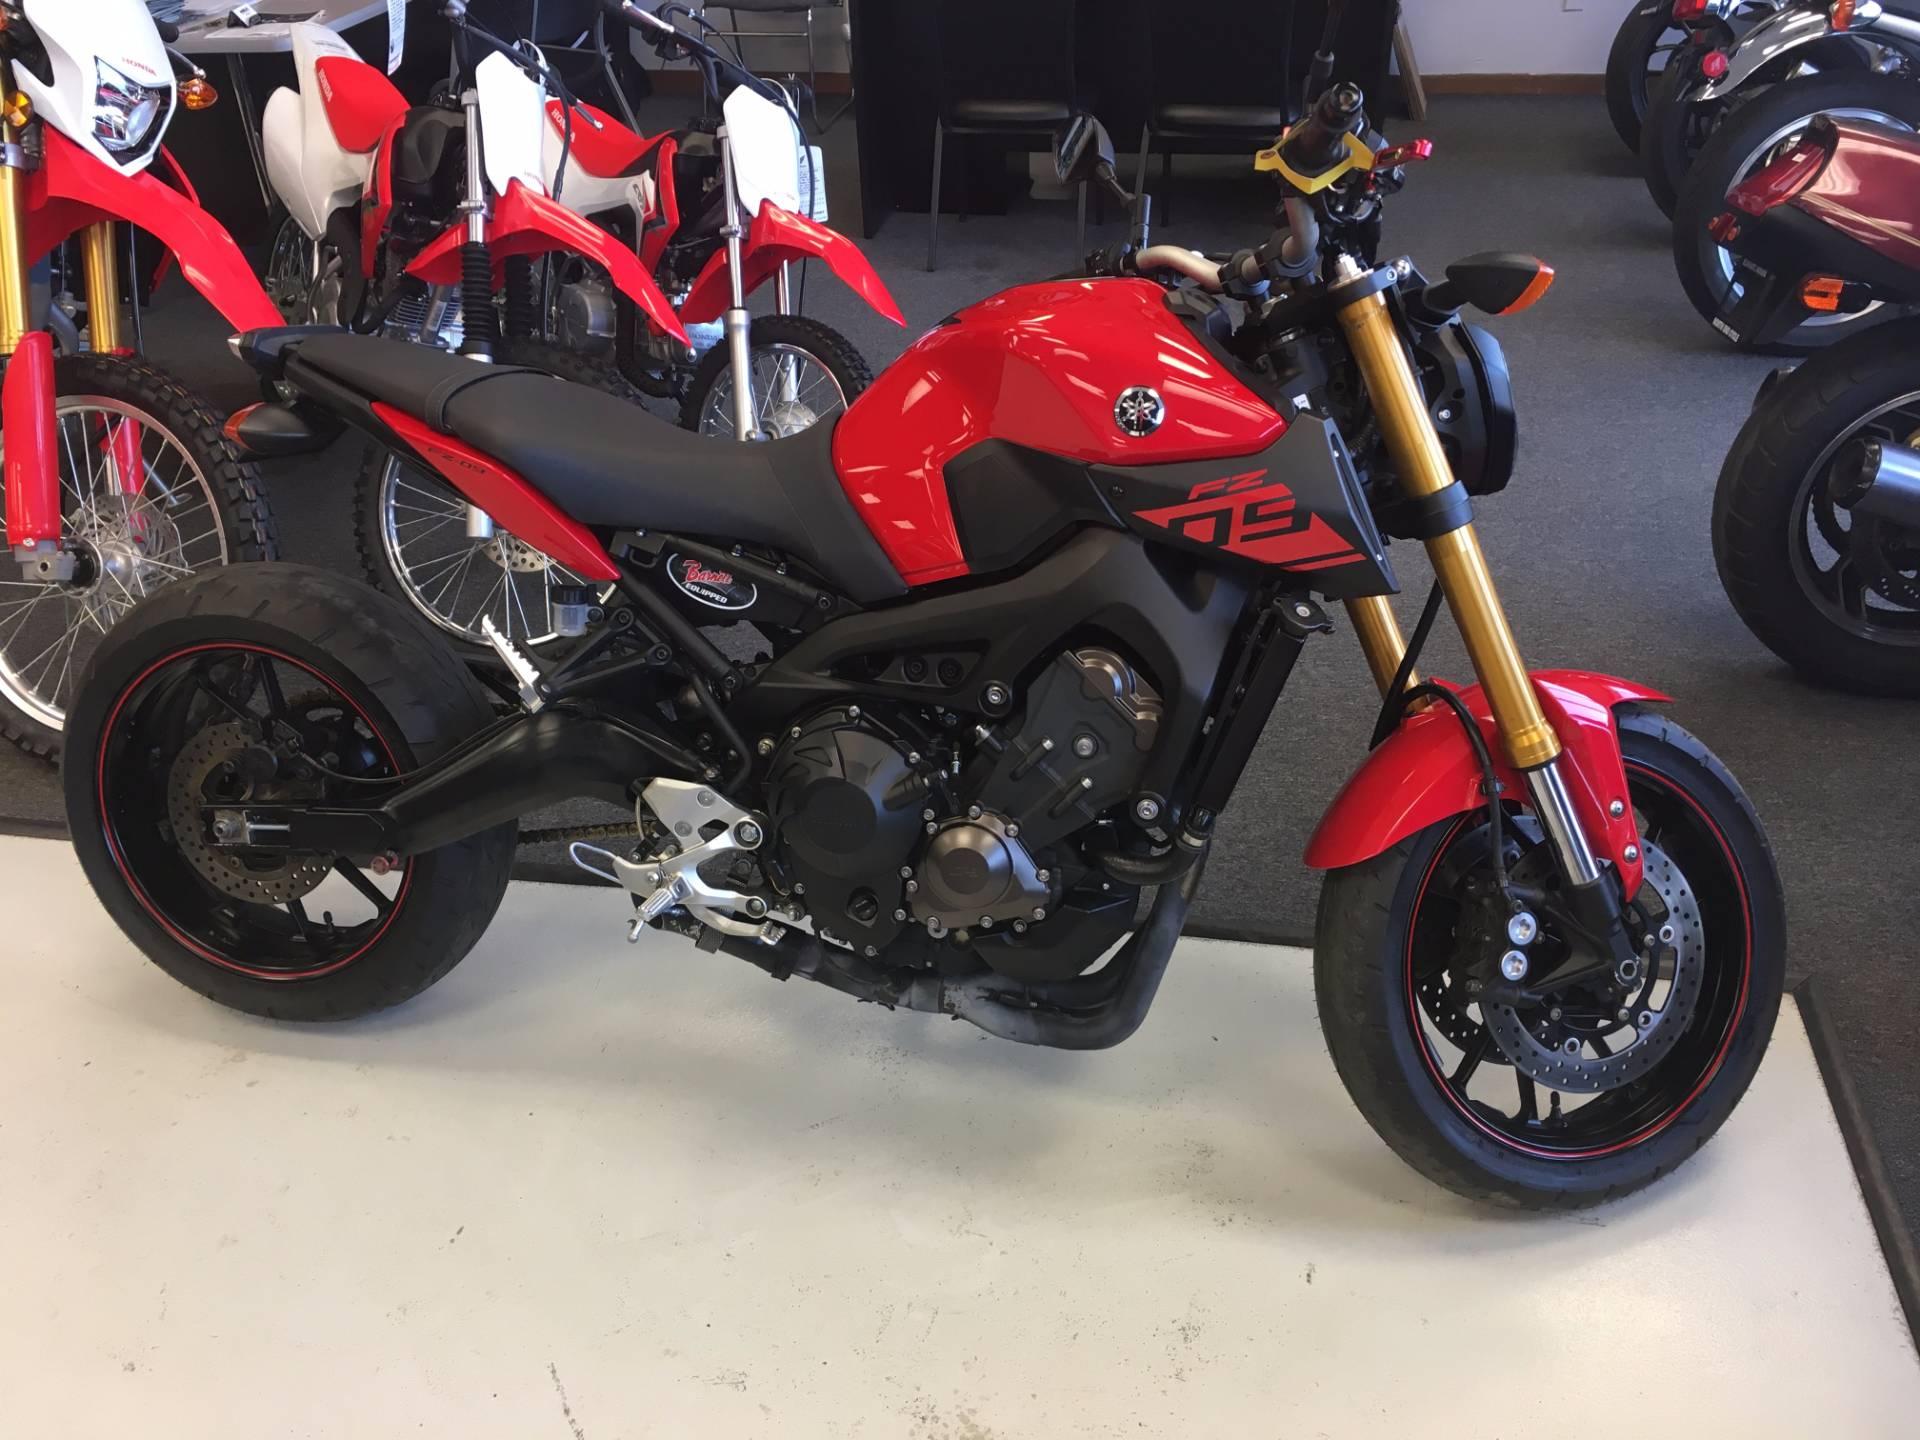 2014 Yamaha FZ-09 1